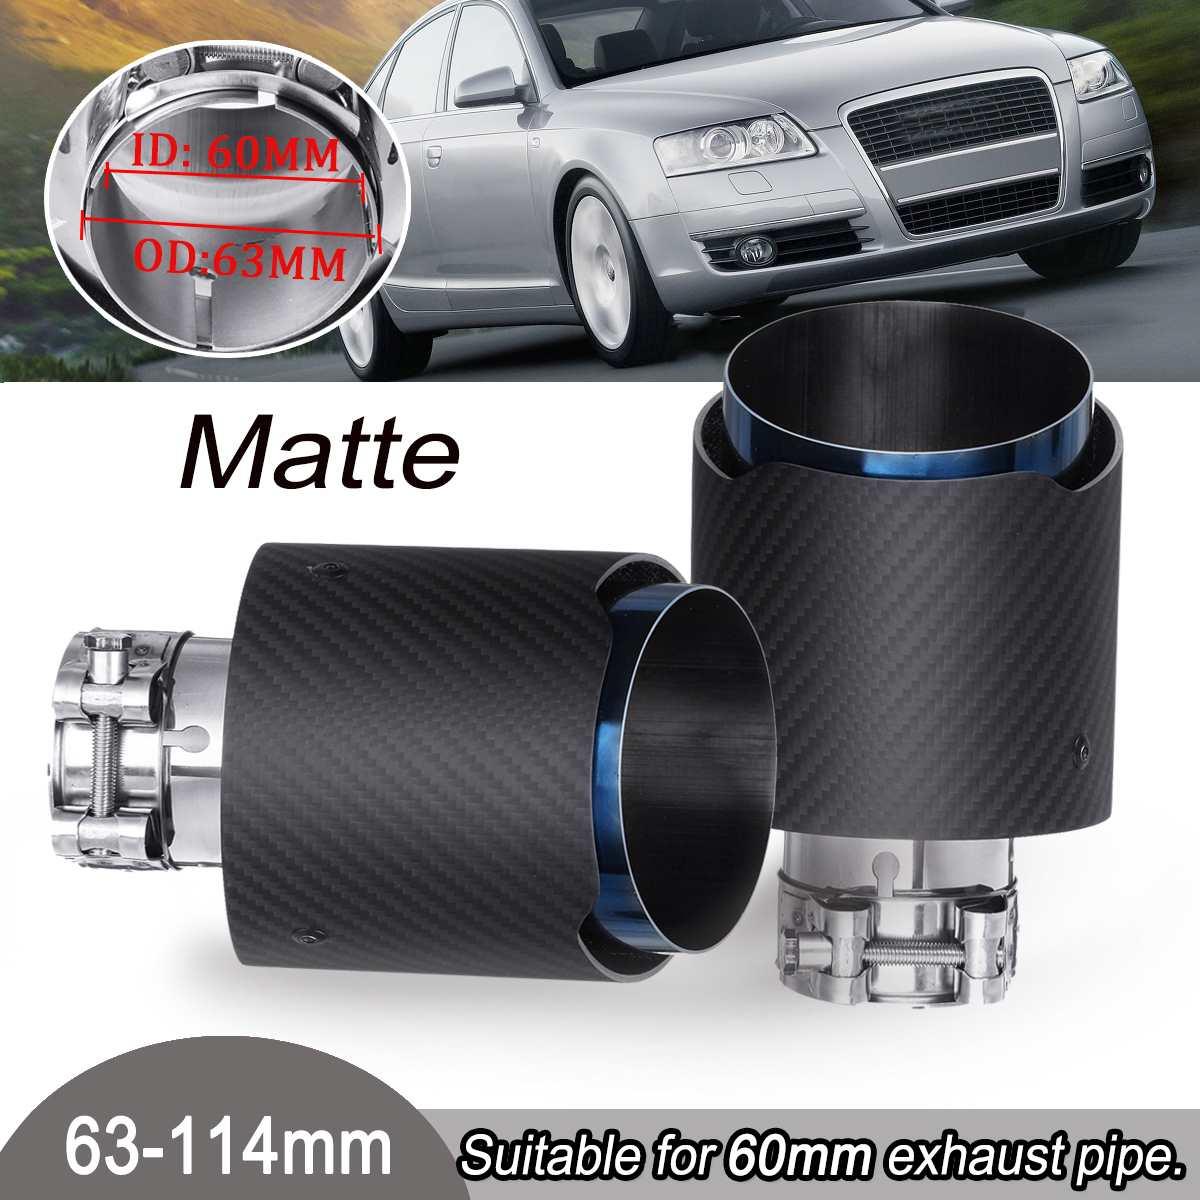 1 paire 63-114mm universel en acier inoxydable mat en Fiber de carbone arrière embout d'échappement bleu tuyau d'extrémité pour VW/Benz/Ford/Mazda/Toyota/Honda